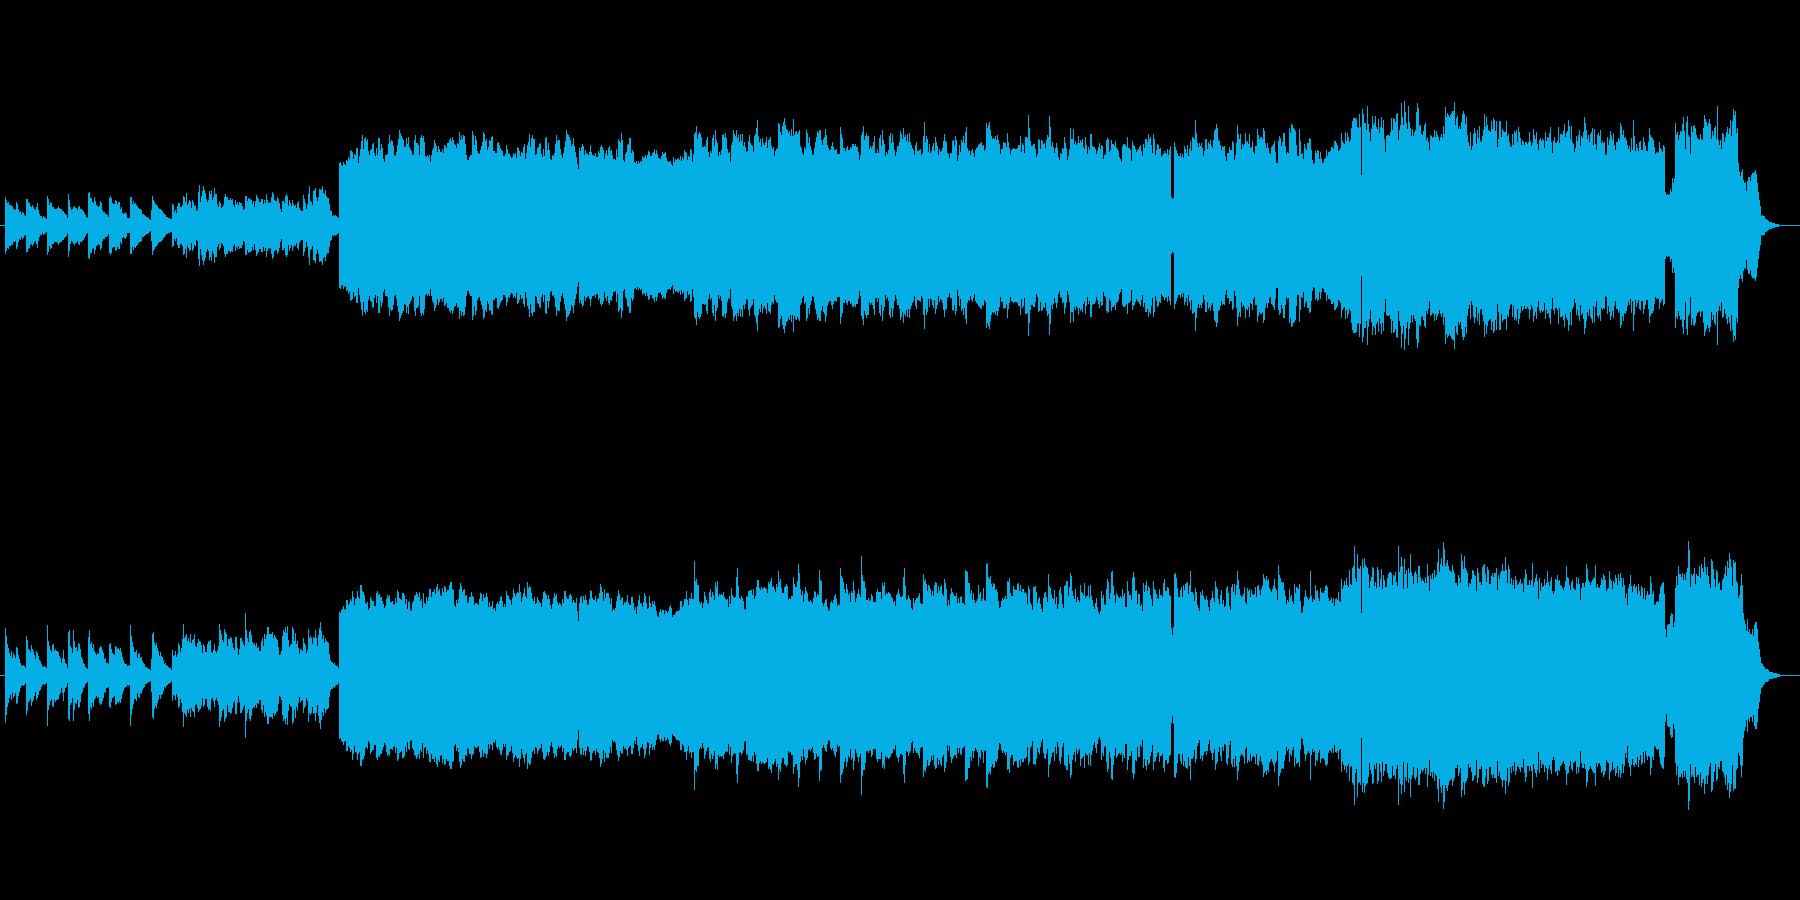 中世ルネサンス調古楽器のオリジナル曲の再生済みの波形